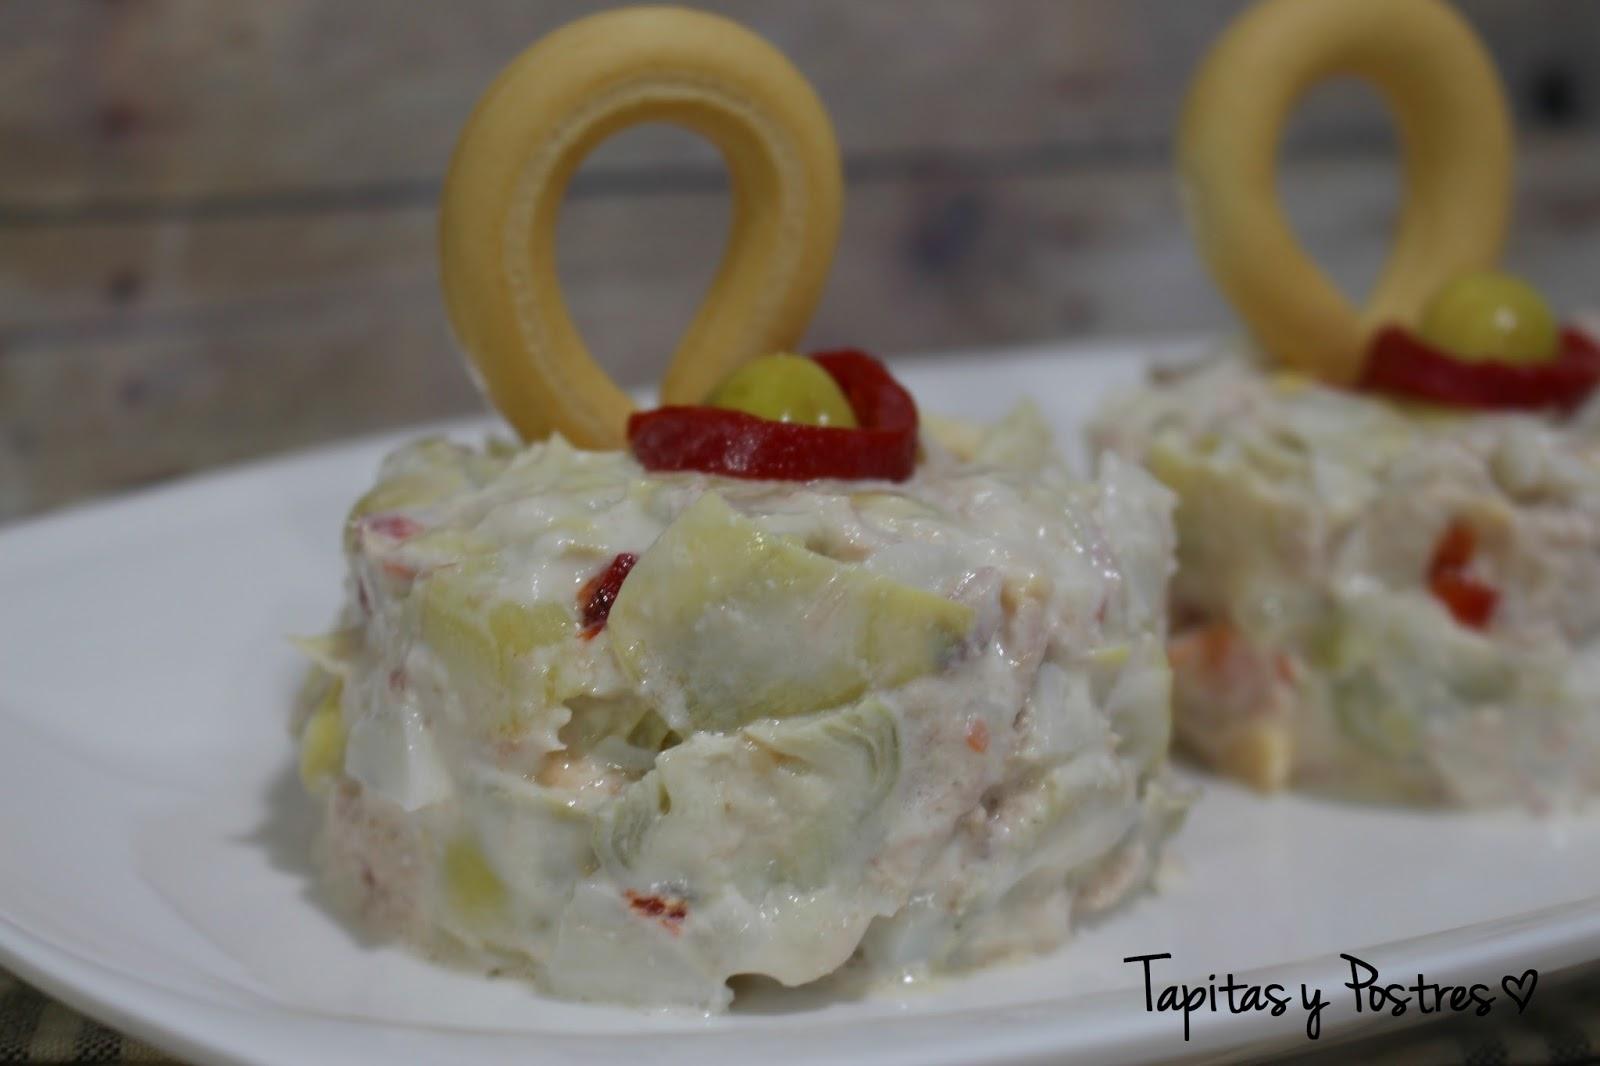 Tapitas y postres ensaladilla rusa de alcachofas for Cocinar alcachofas